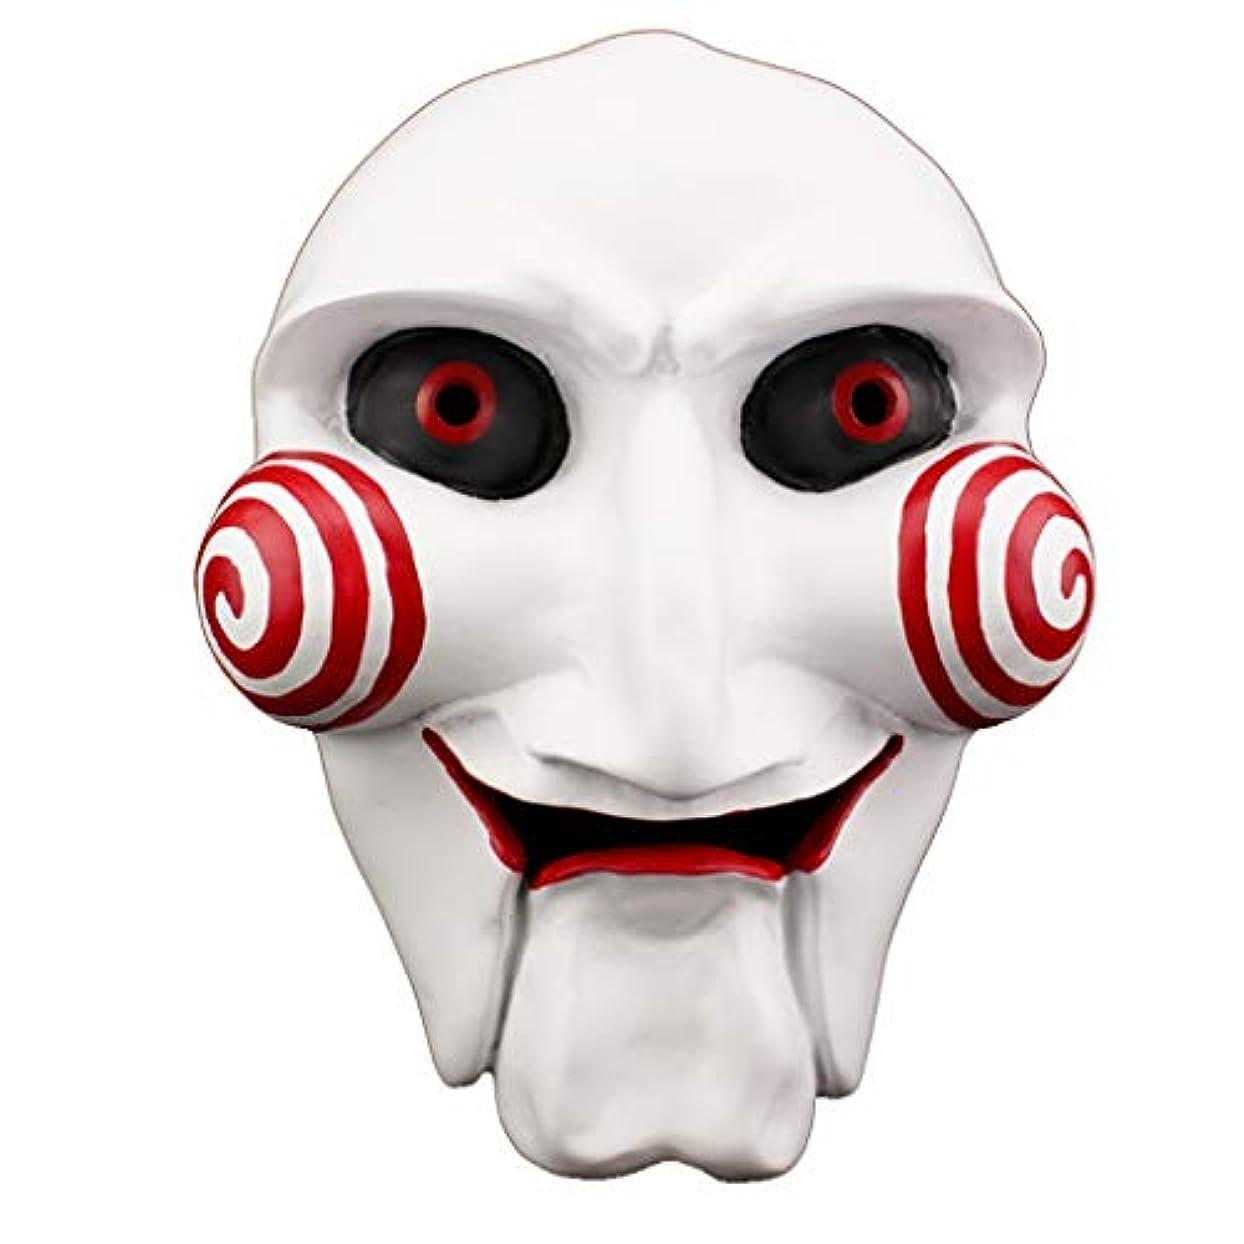 省別々に石油ハロウィンホラーマスクダンスパーティーメンズキラーデビルメイク樹脂マスク